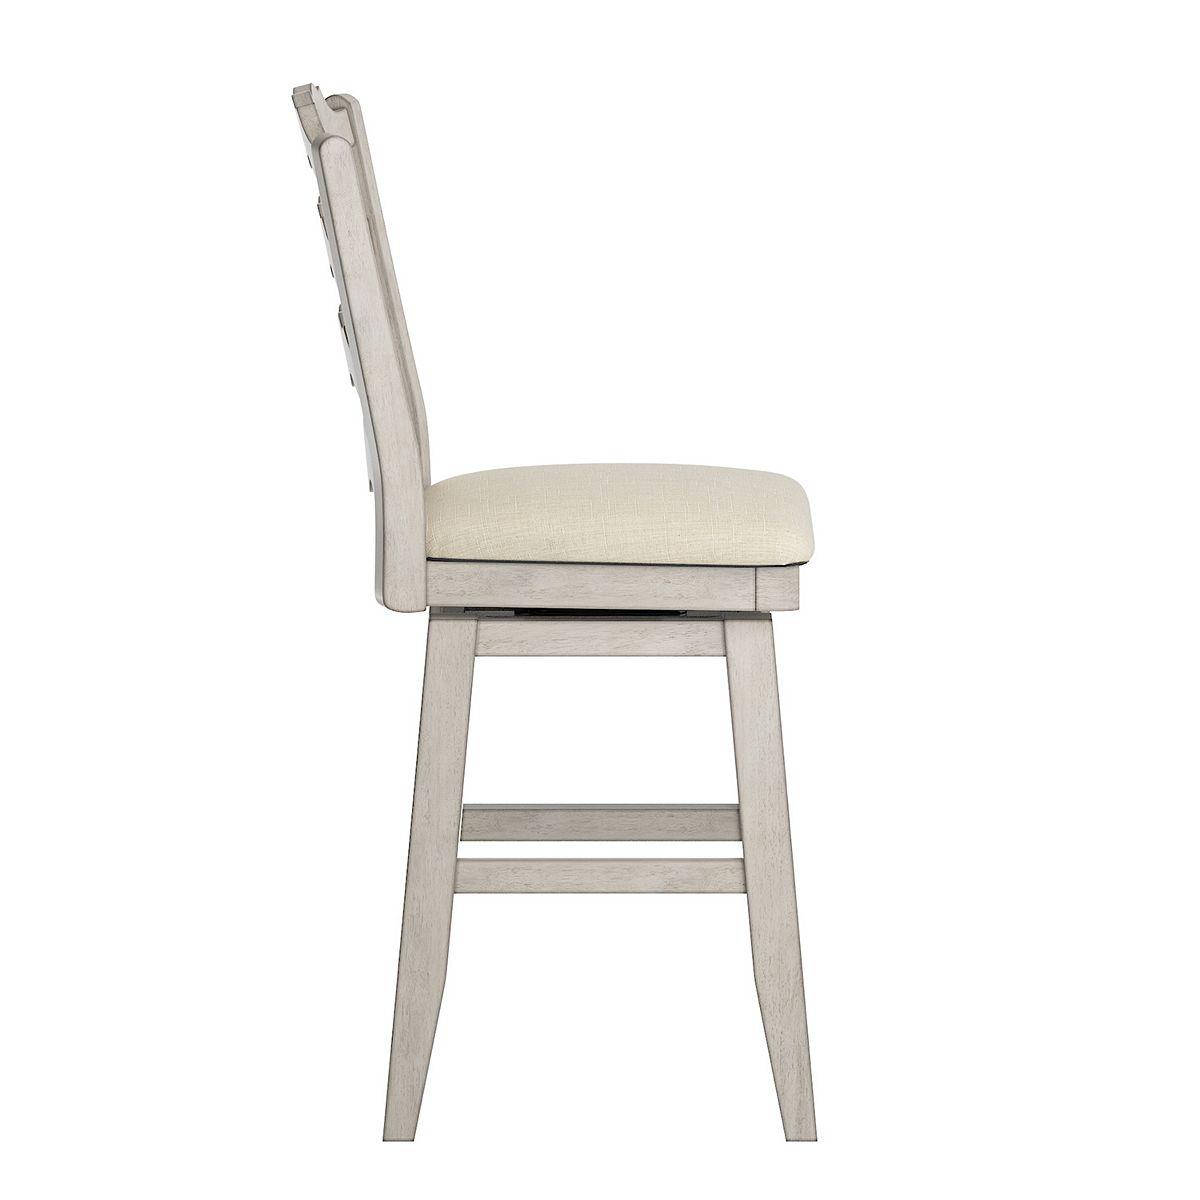 HomeVance Zackery Ladder Back Swivel Dining Chair Black i7VpR